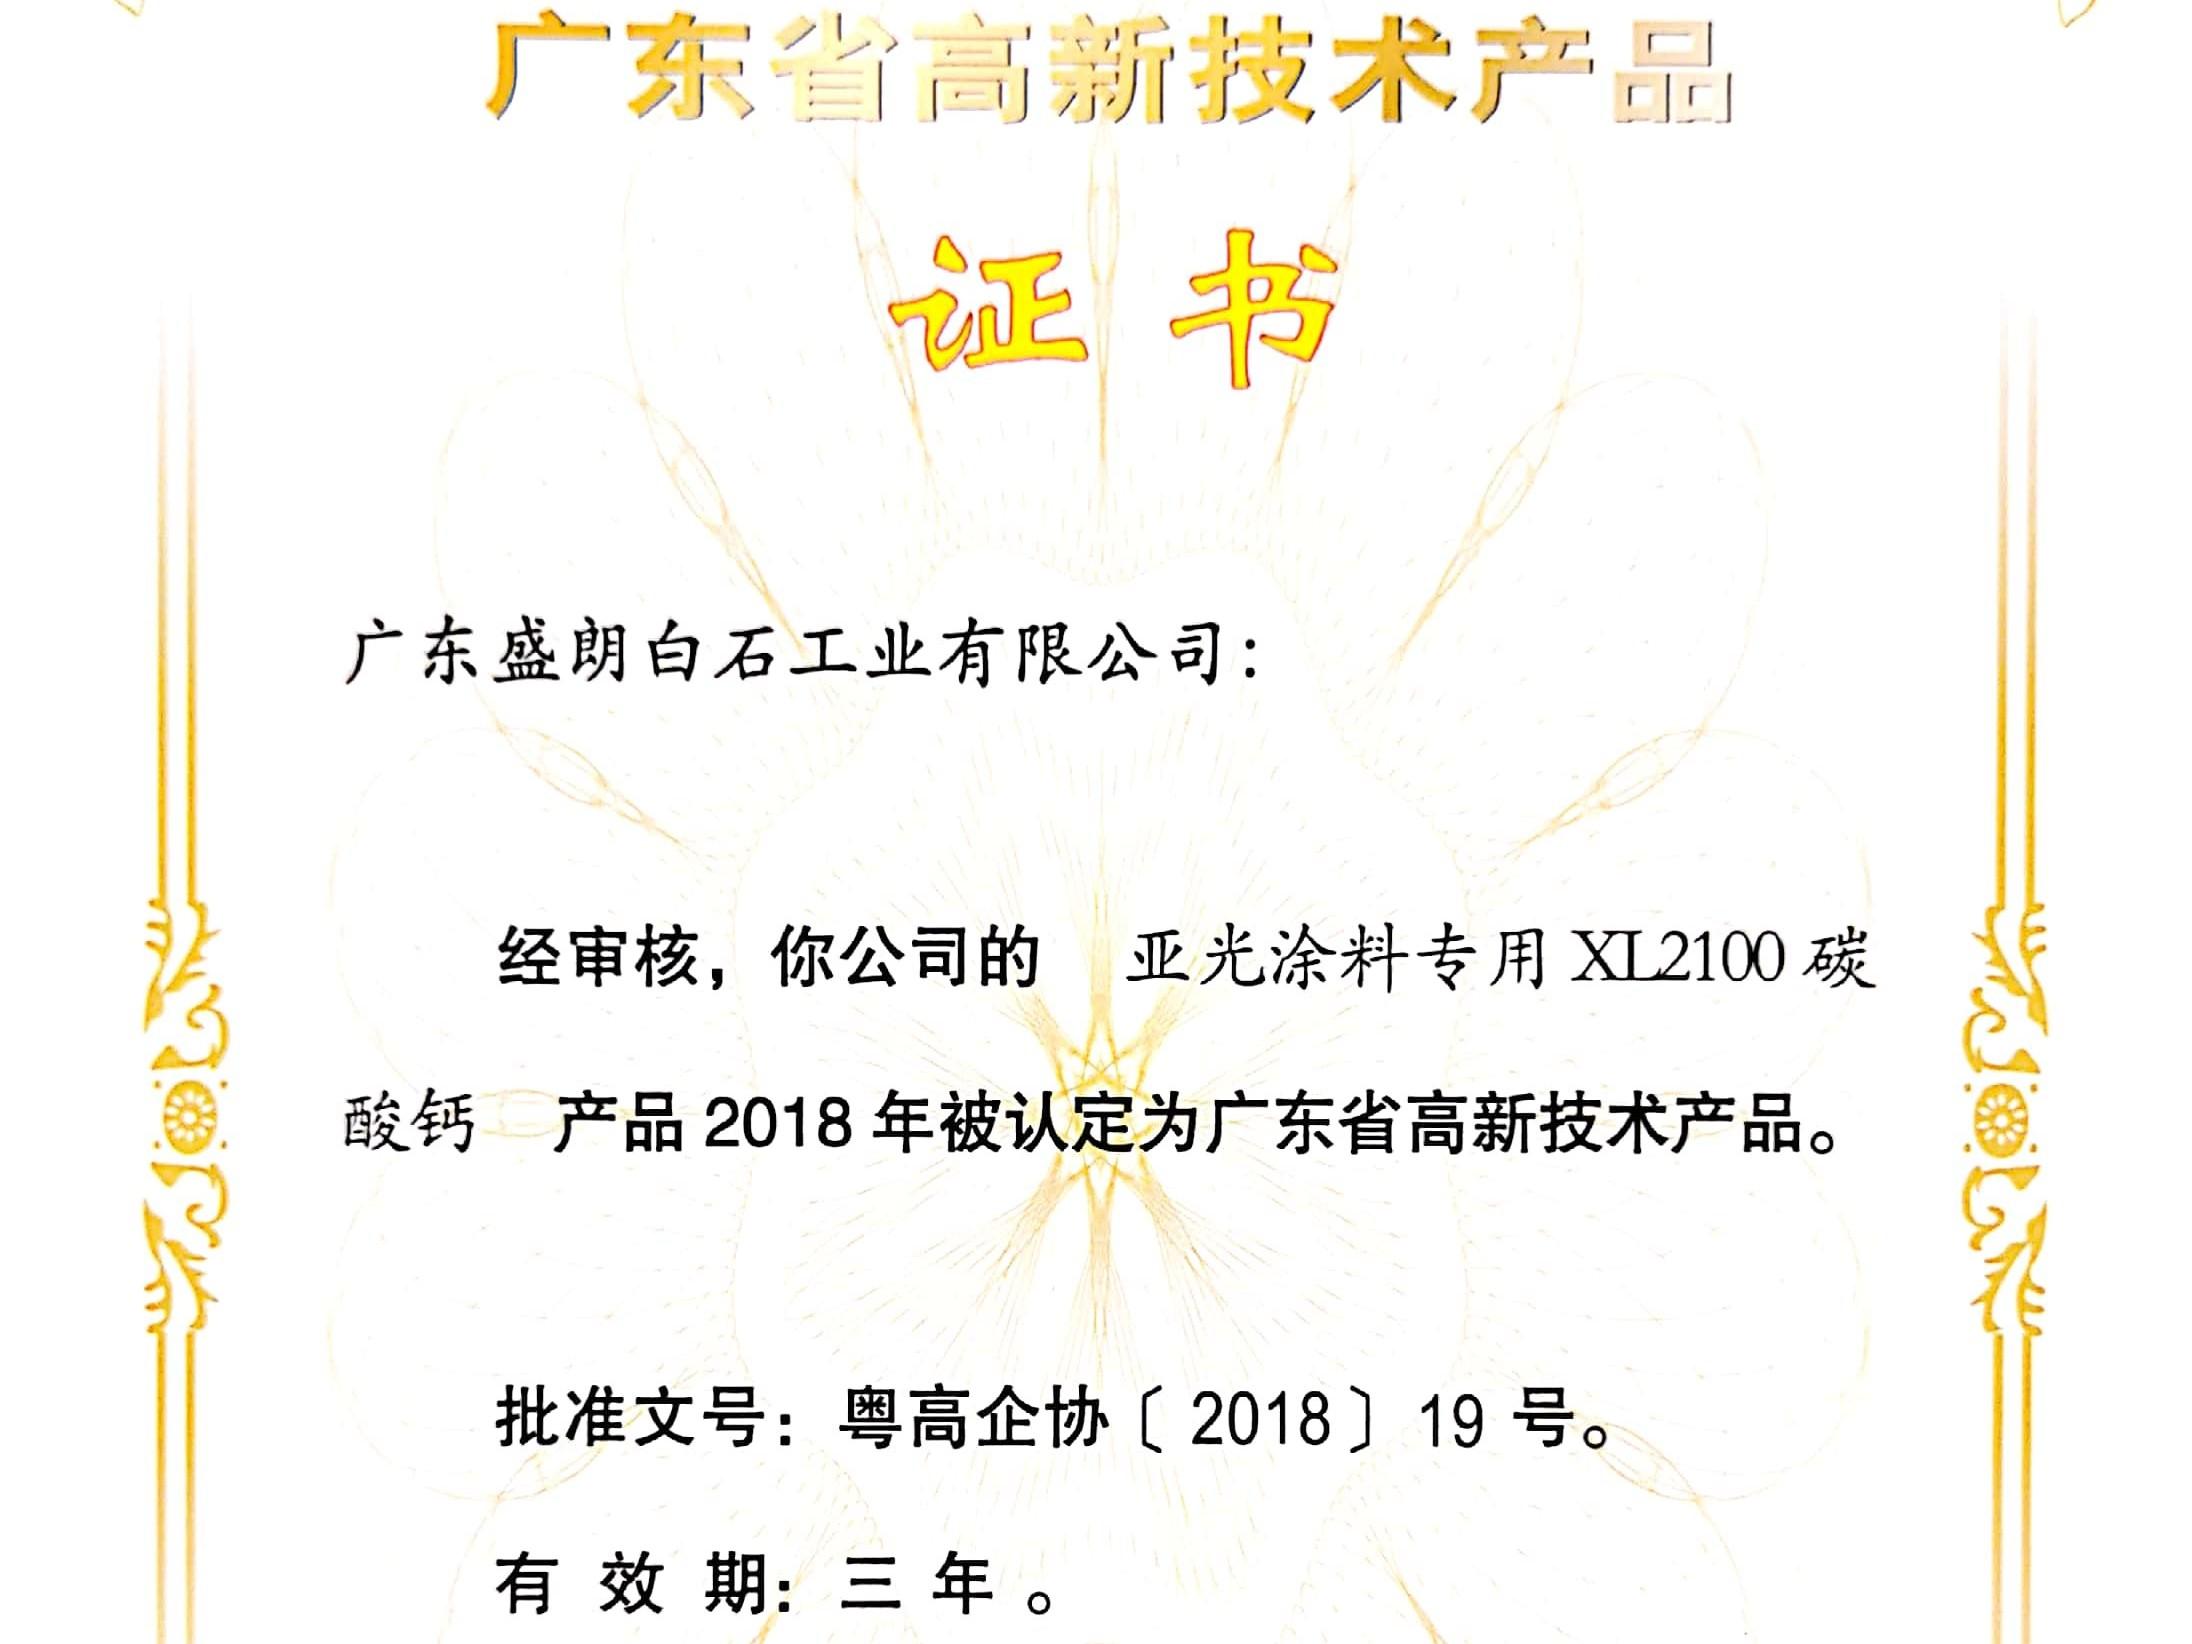 盛朗白石-XL2100高新技术证书